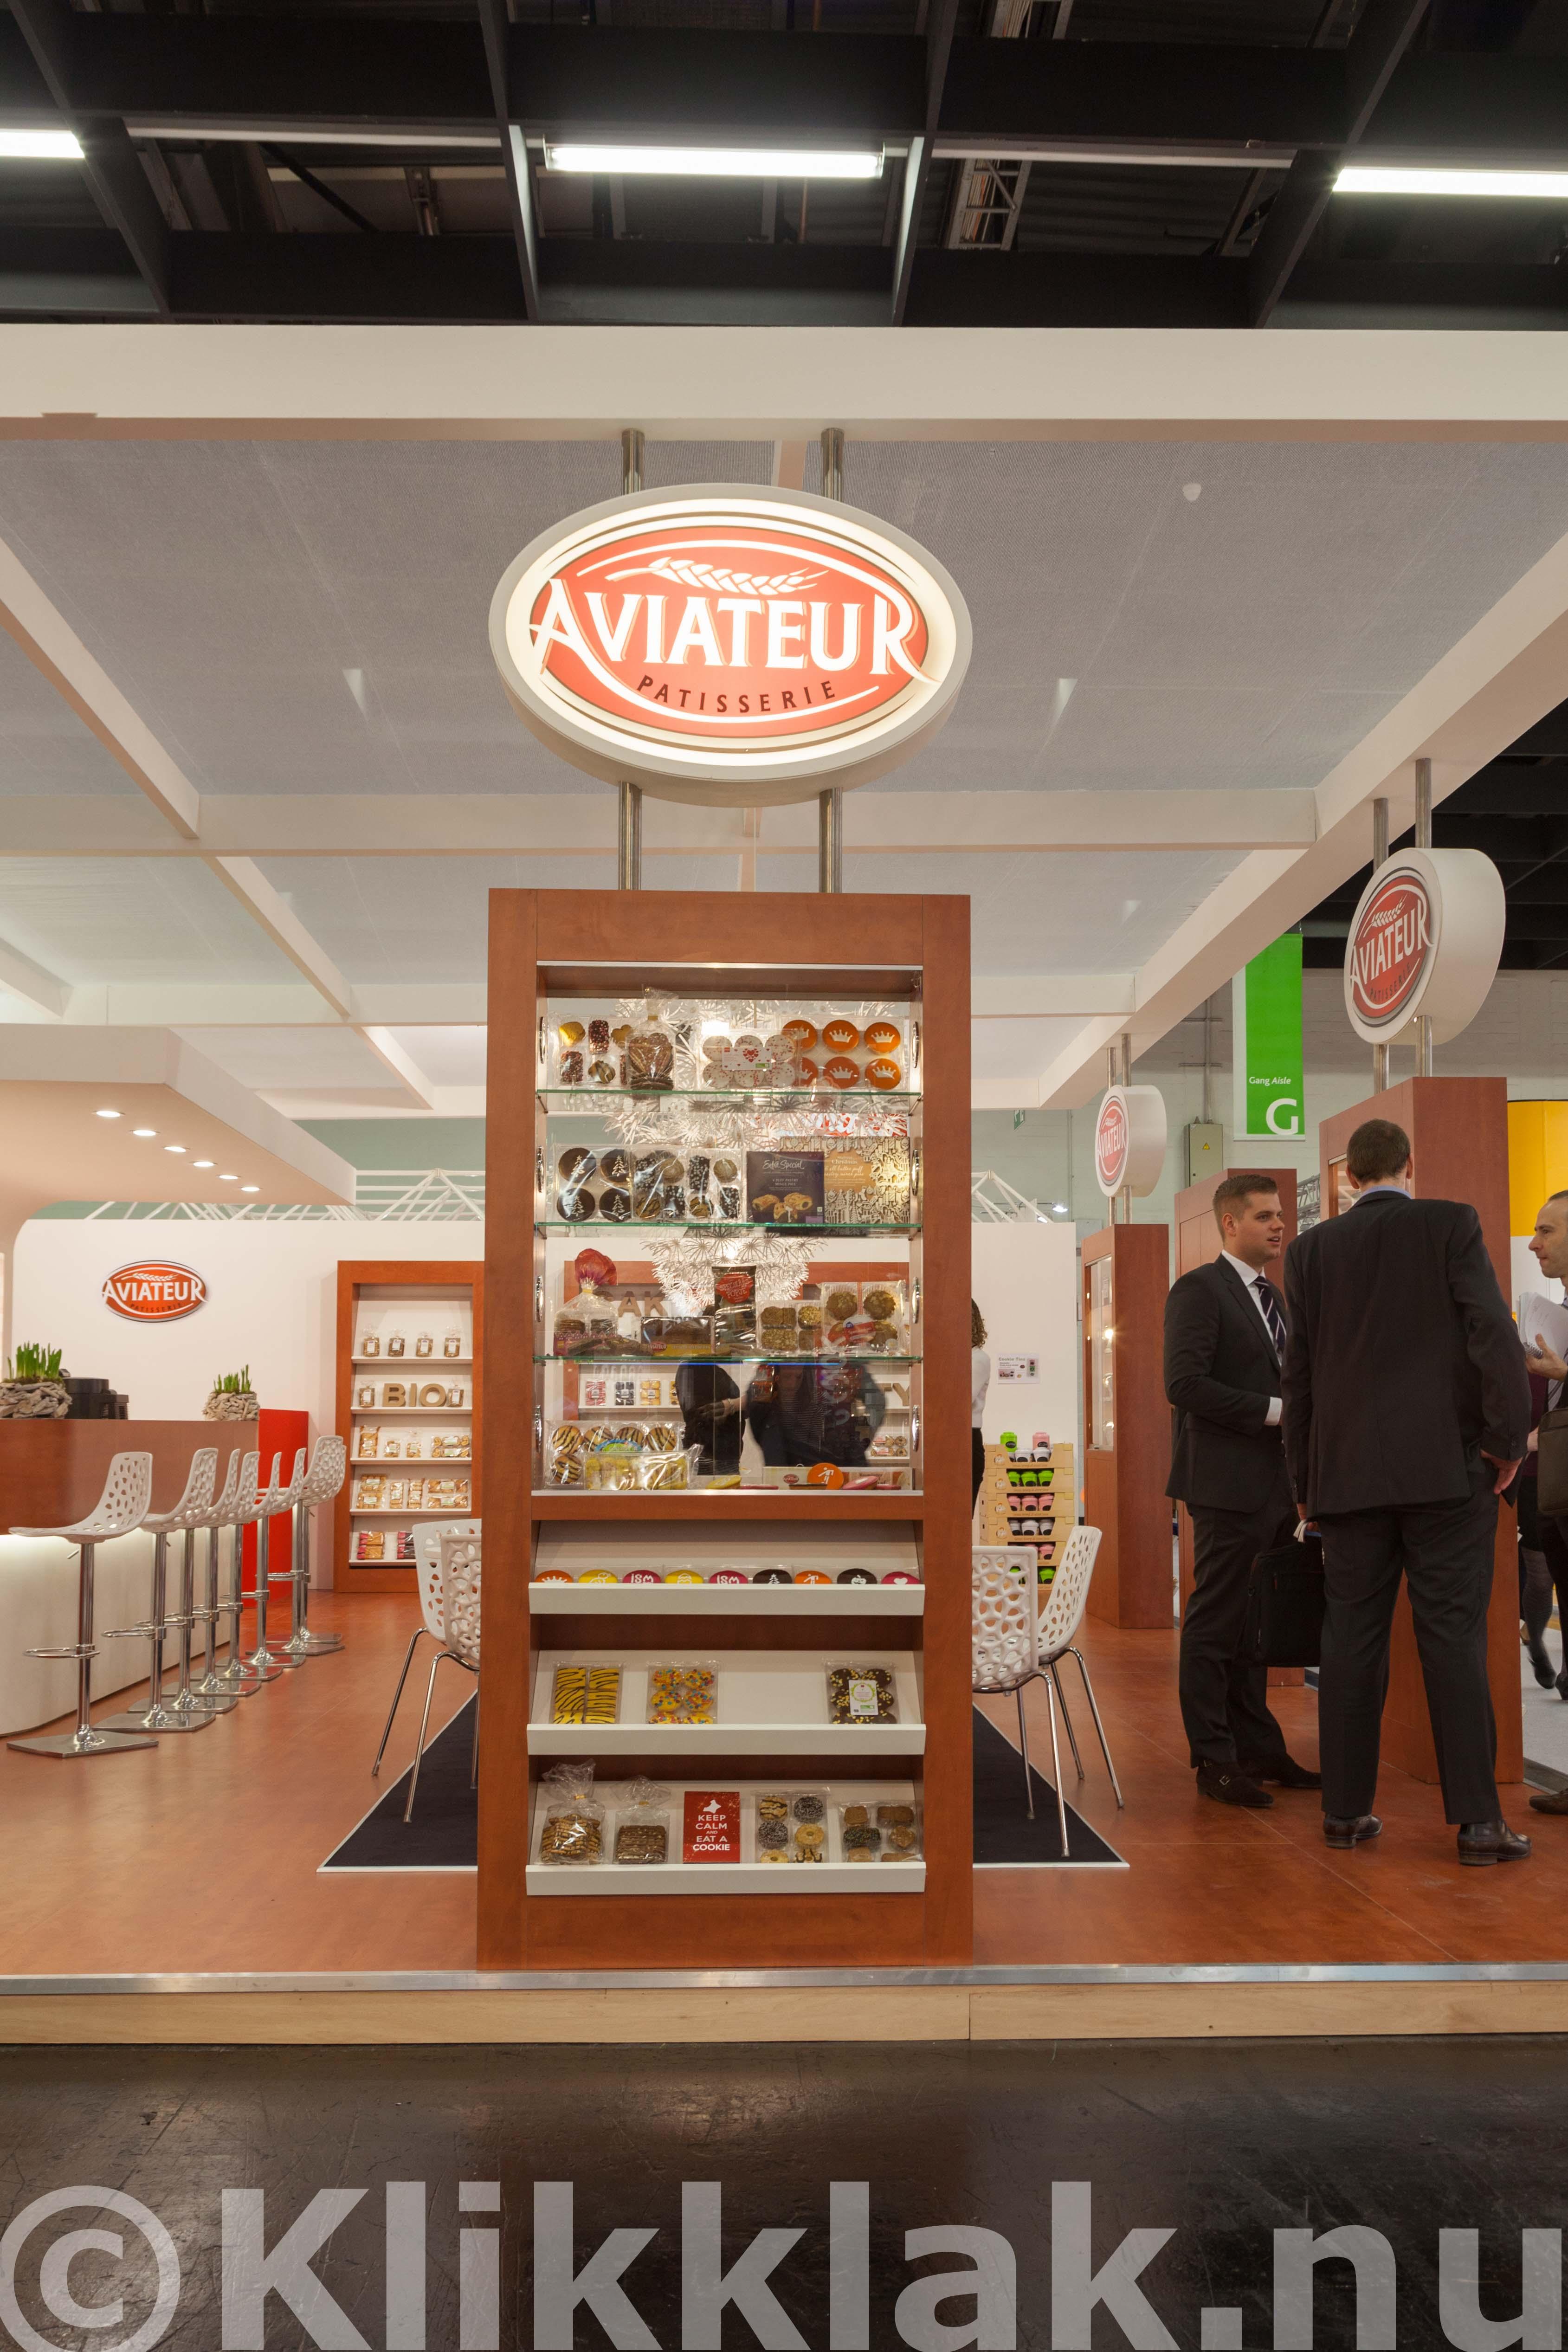 ISM zoetwarenbeurs stands Keulen 2015 Aviateur